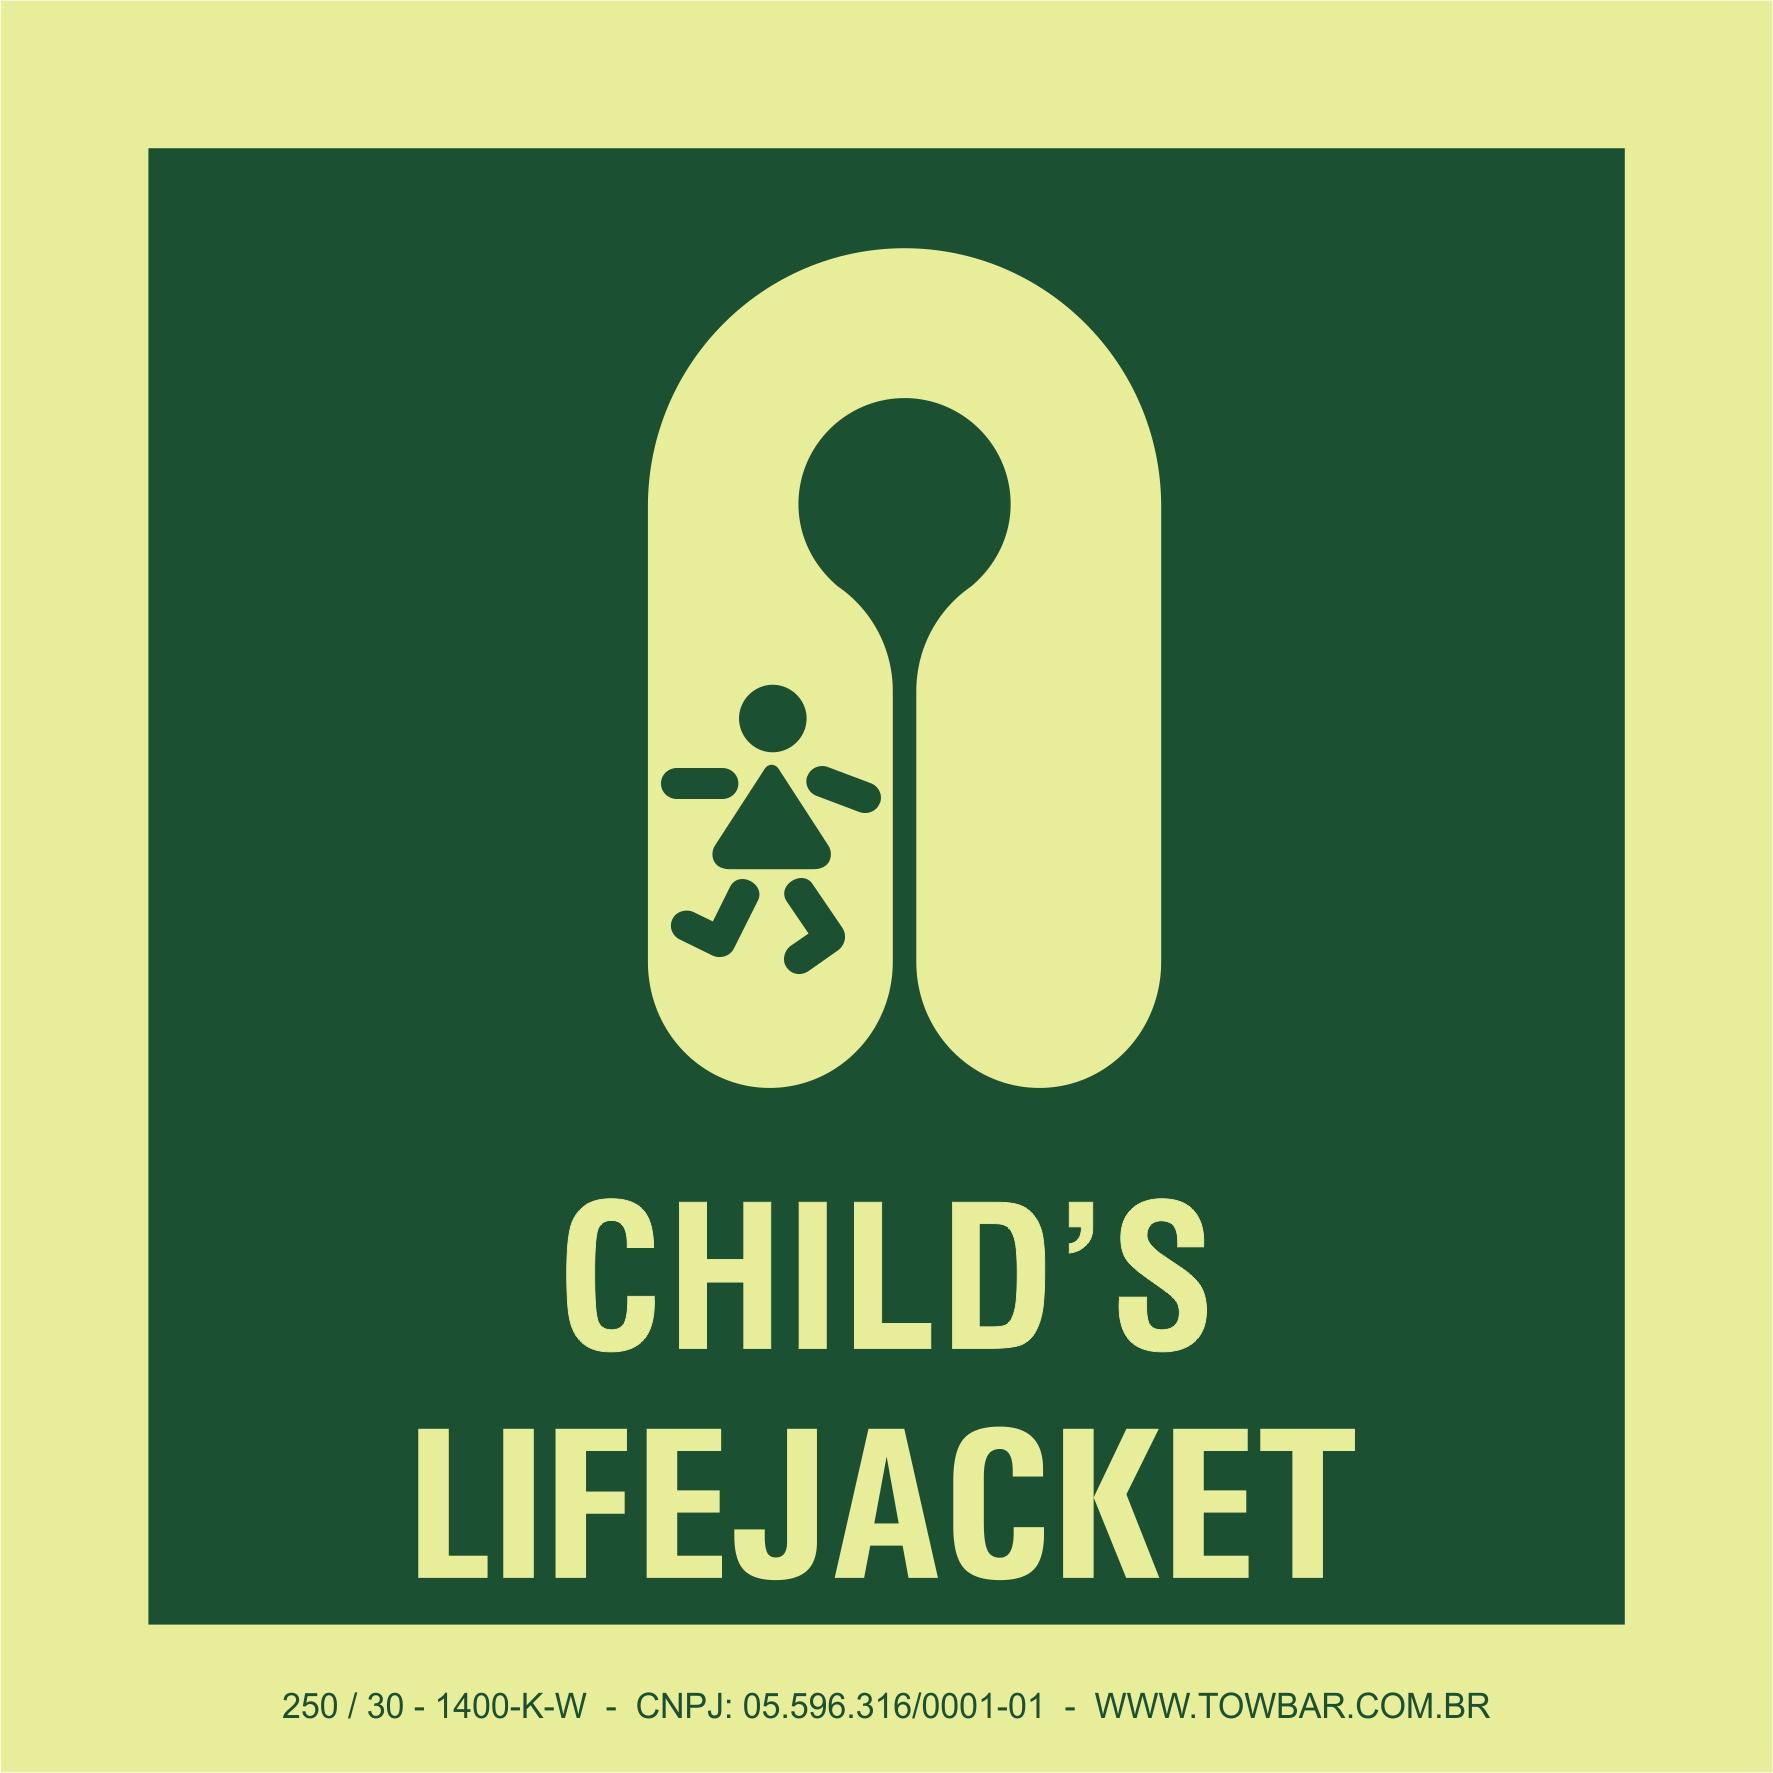 Colete salva-vidas para crianças (Child